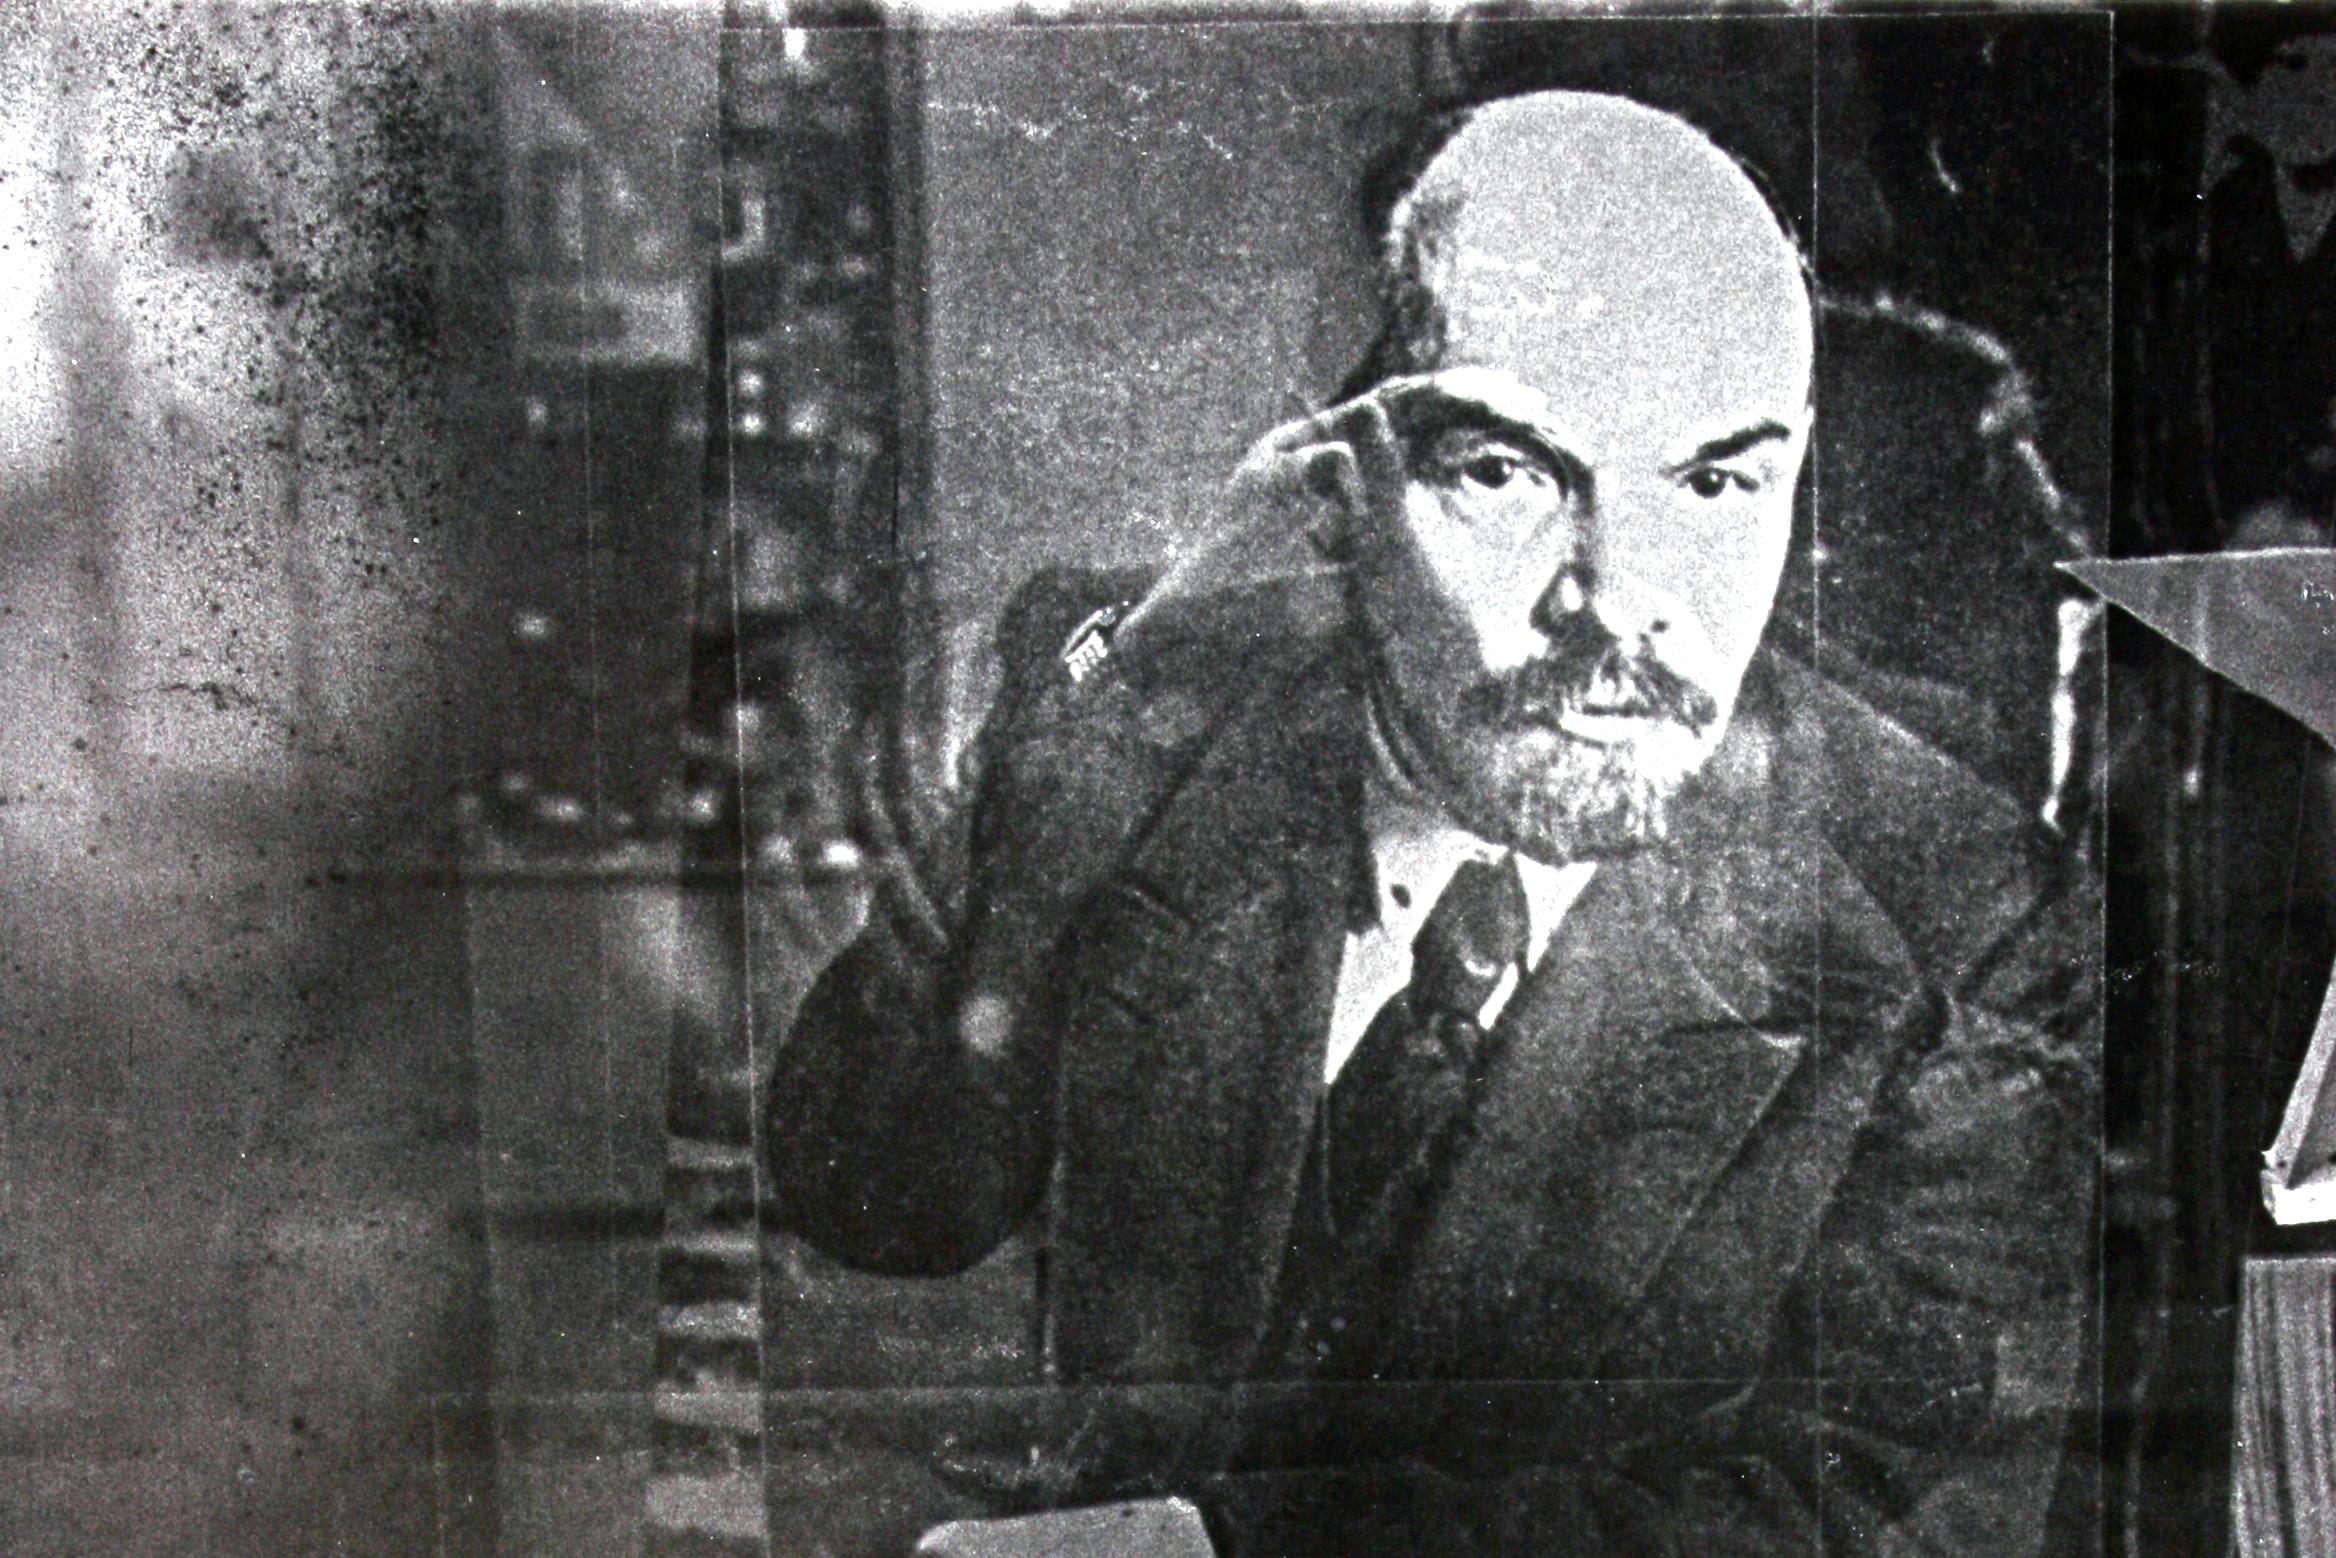 000_Lenin_Bruntál_1980_6x9